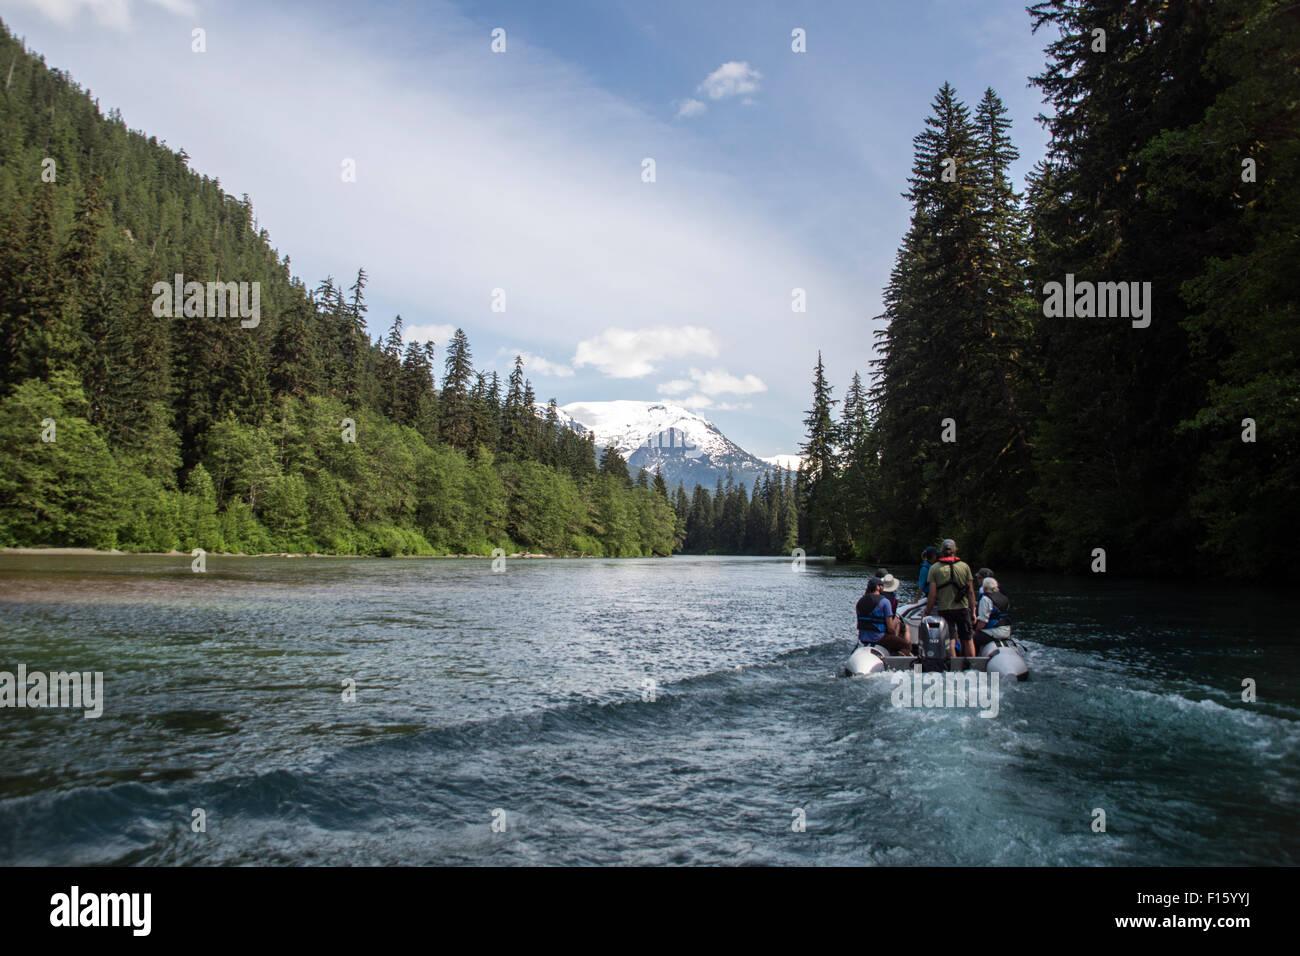 Guide en milieu sauvage et les touristes d'un voyage d'eau éloigné par zodiac dans la forêt Photo Stock